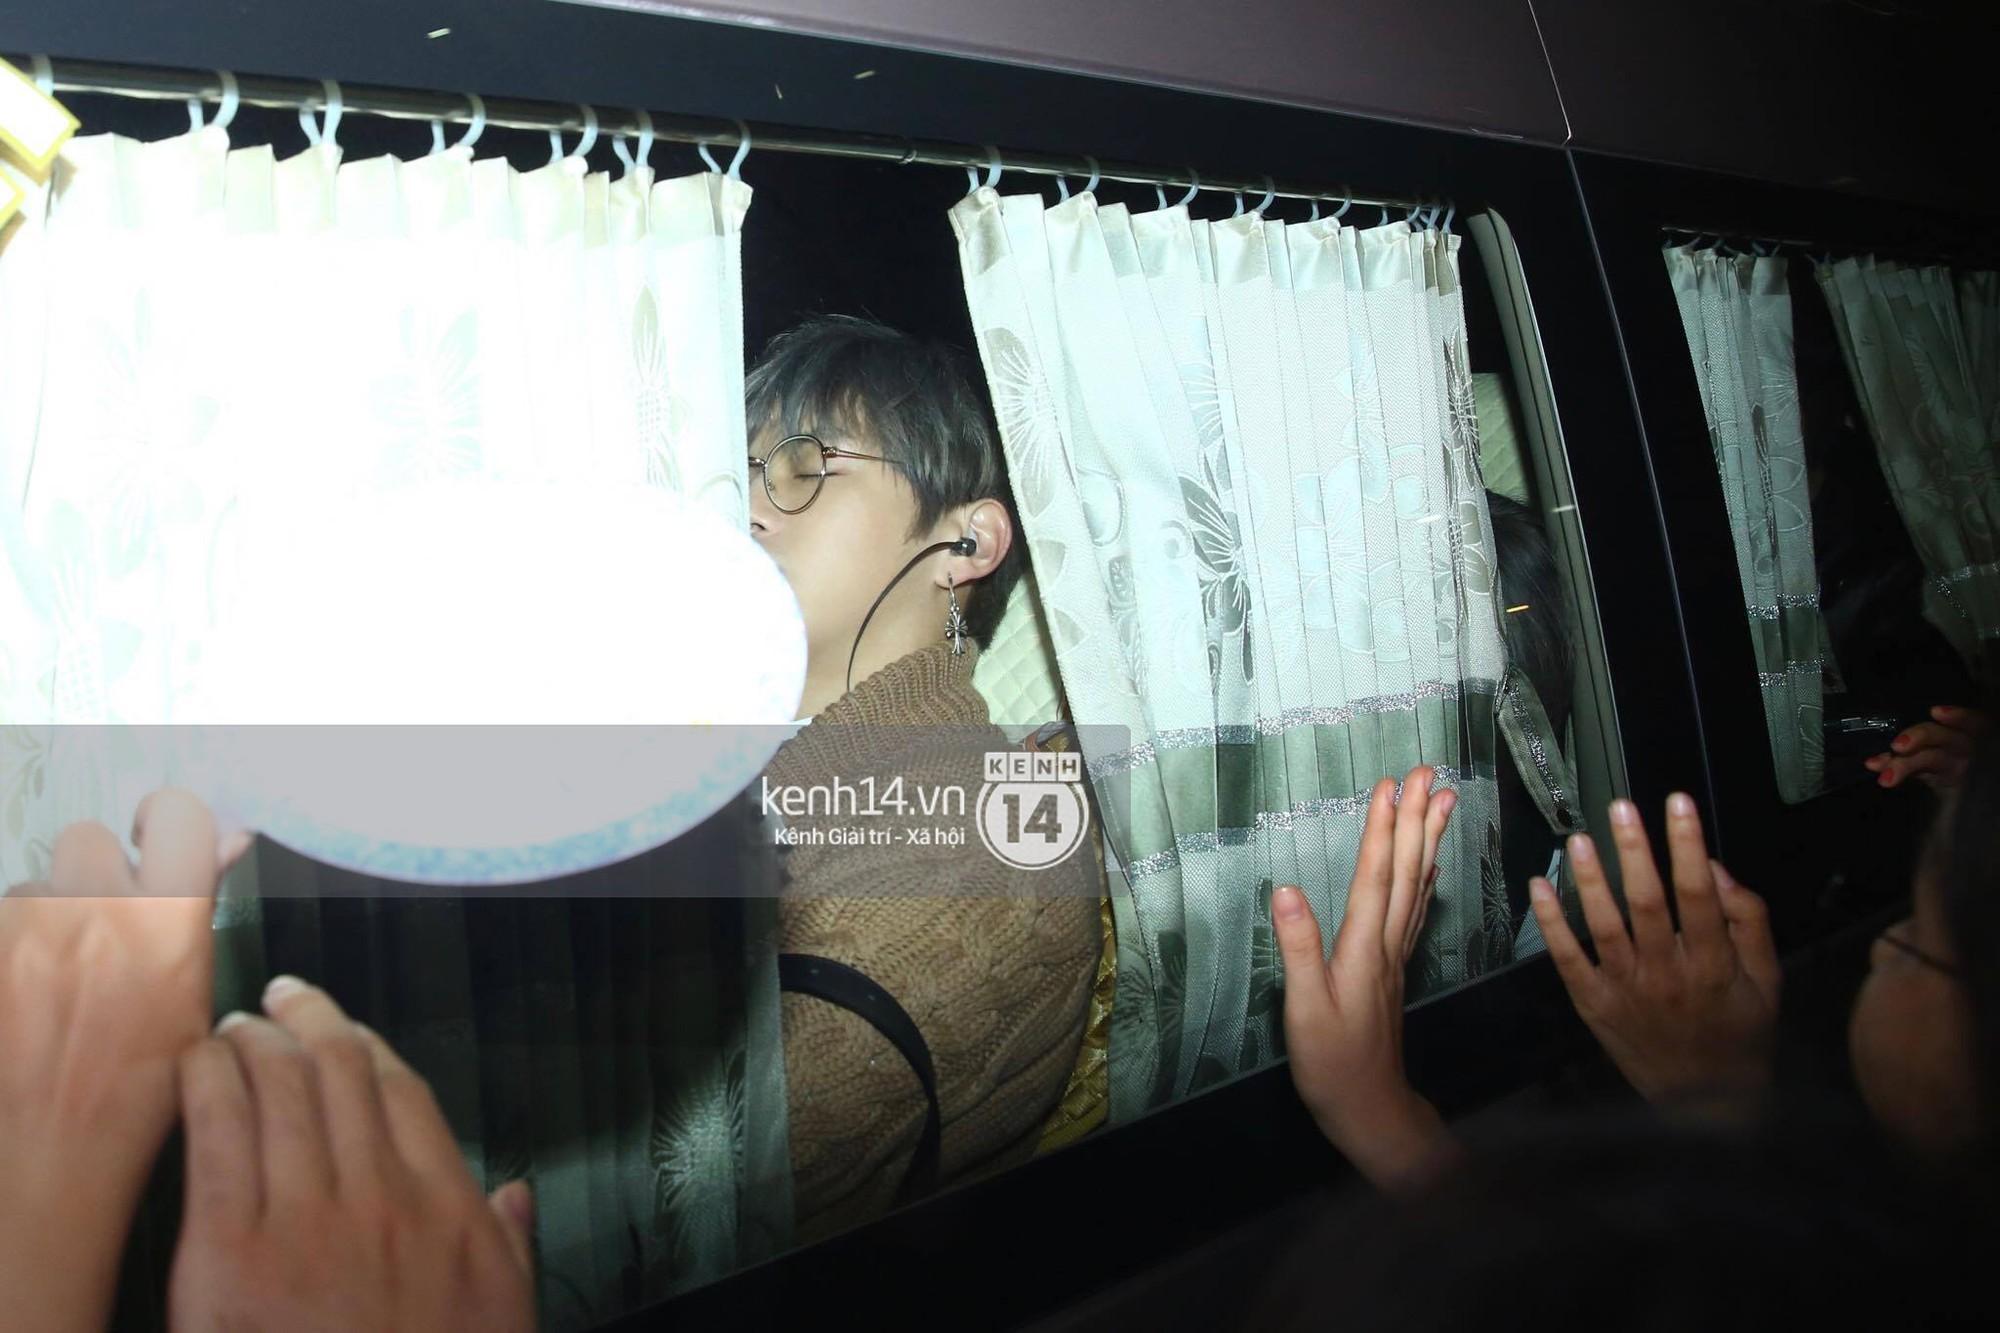 Hình ảnh đối lập: Kết thúc MAMA, Samuel khí thế vẫy tay chào fan Việt, Wanna One ngủ say mặc kệ người hâm mộ - Ảnh 11.